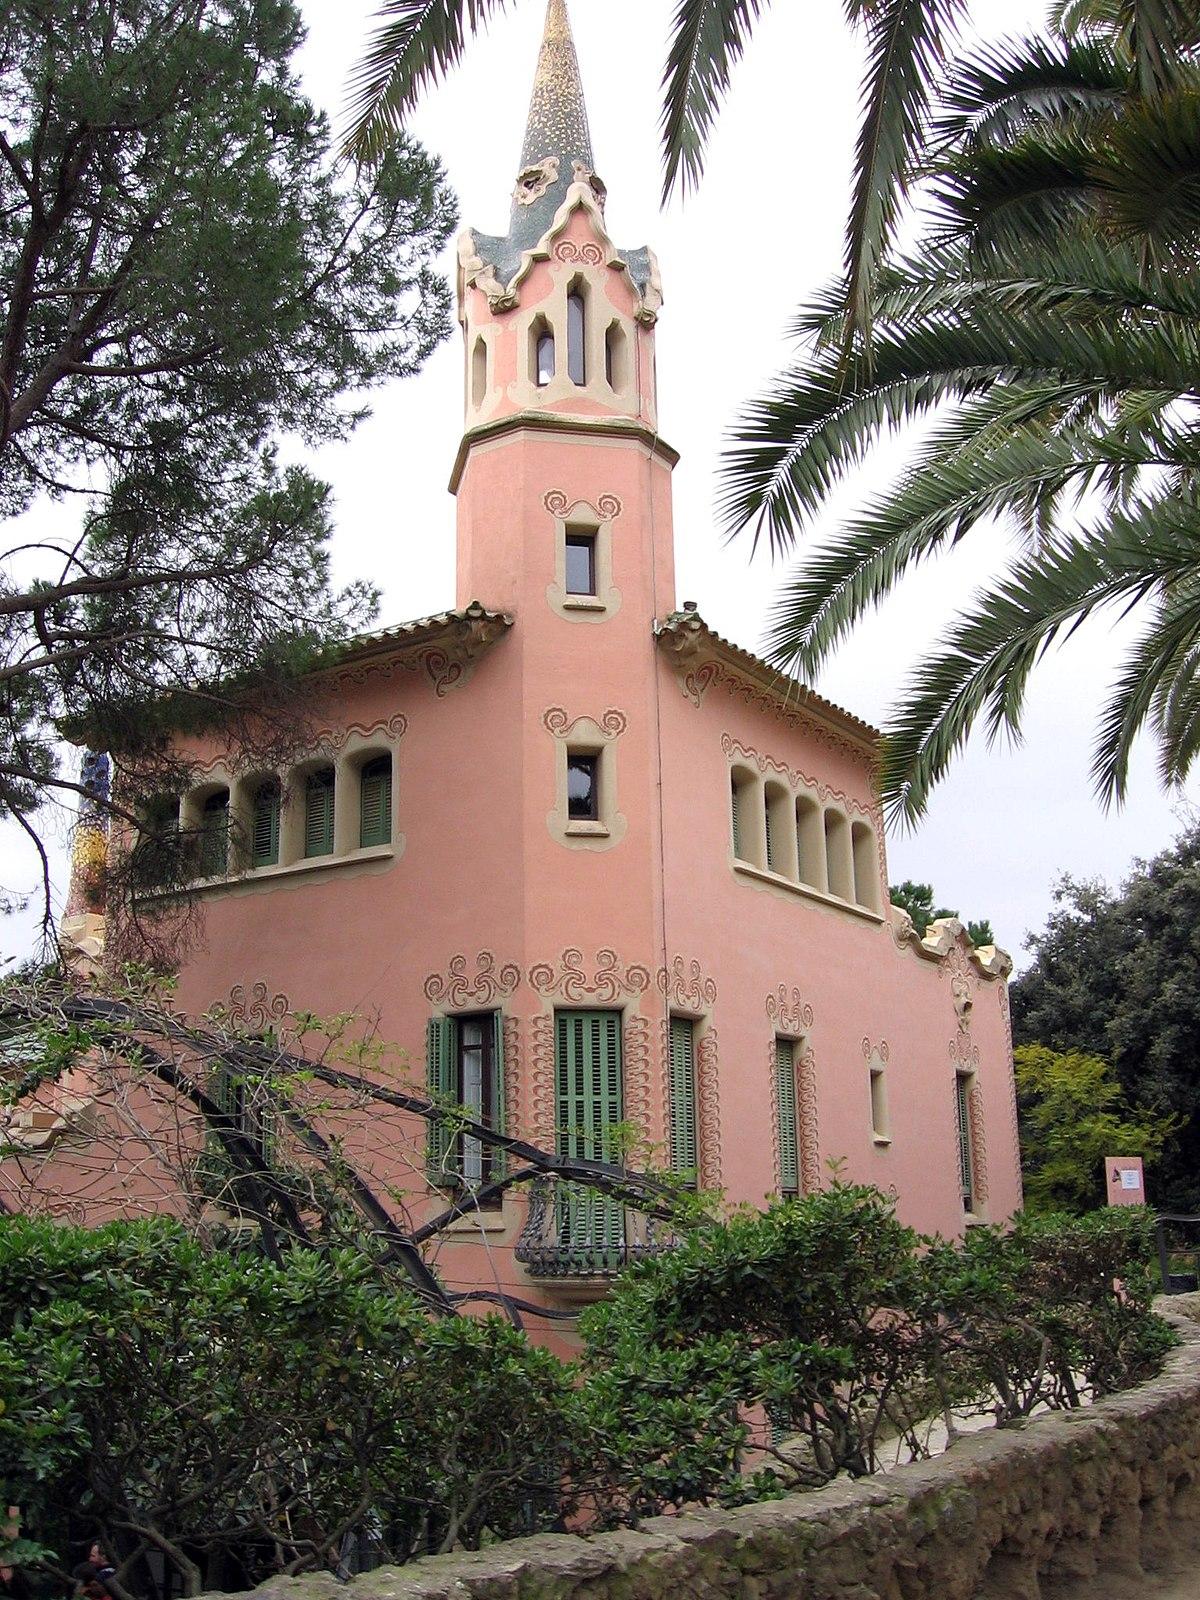 casa museu gaud viquip dia l 39 enciclop dia lliure